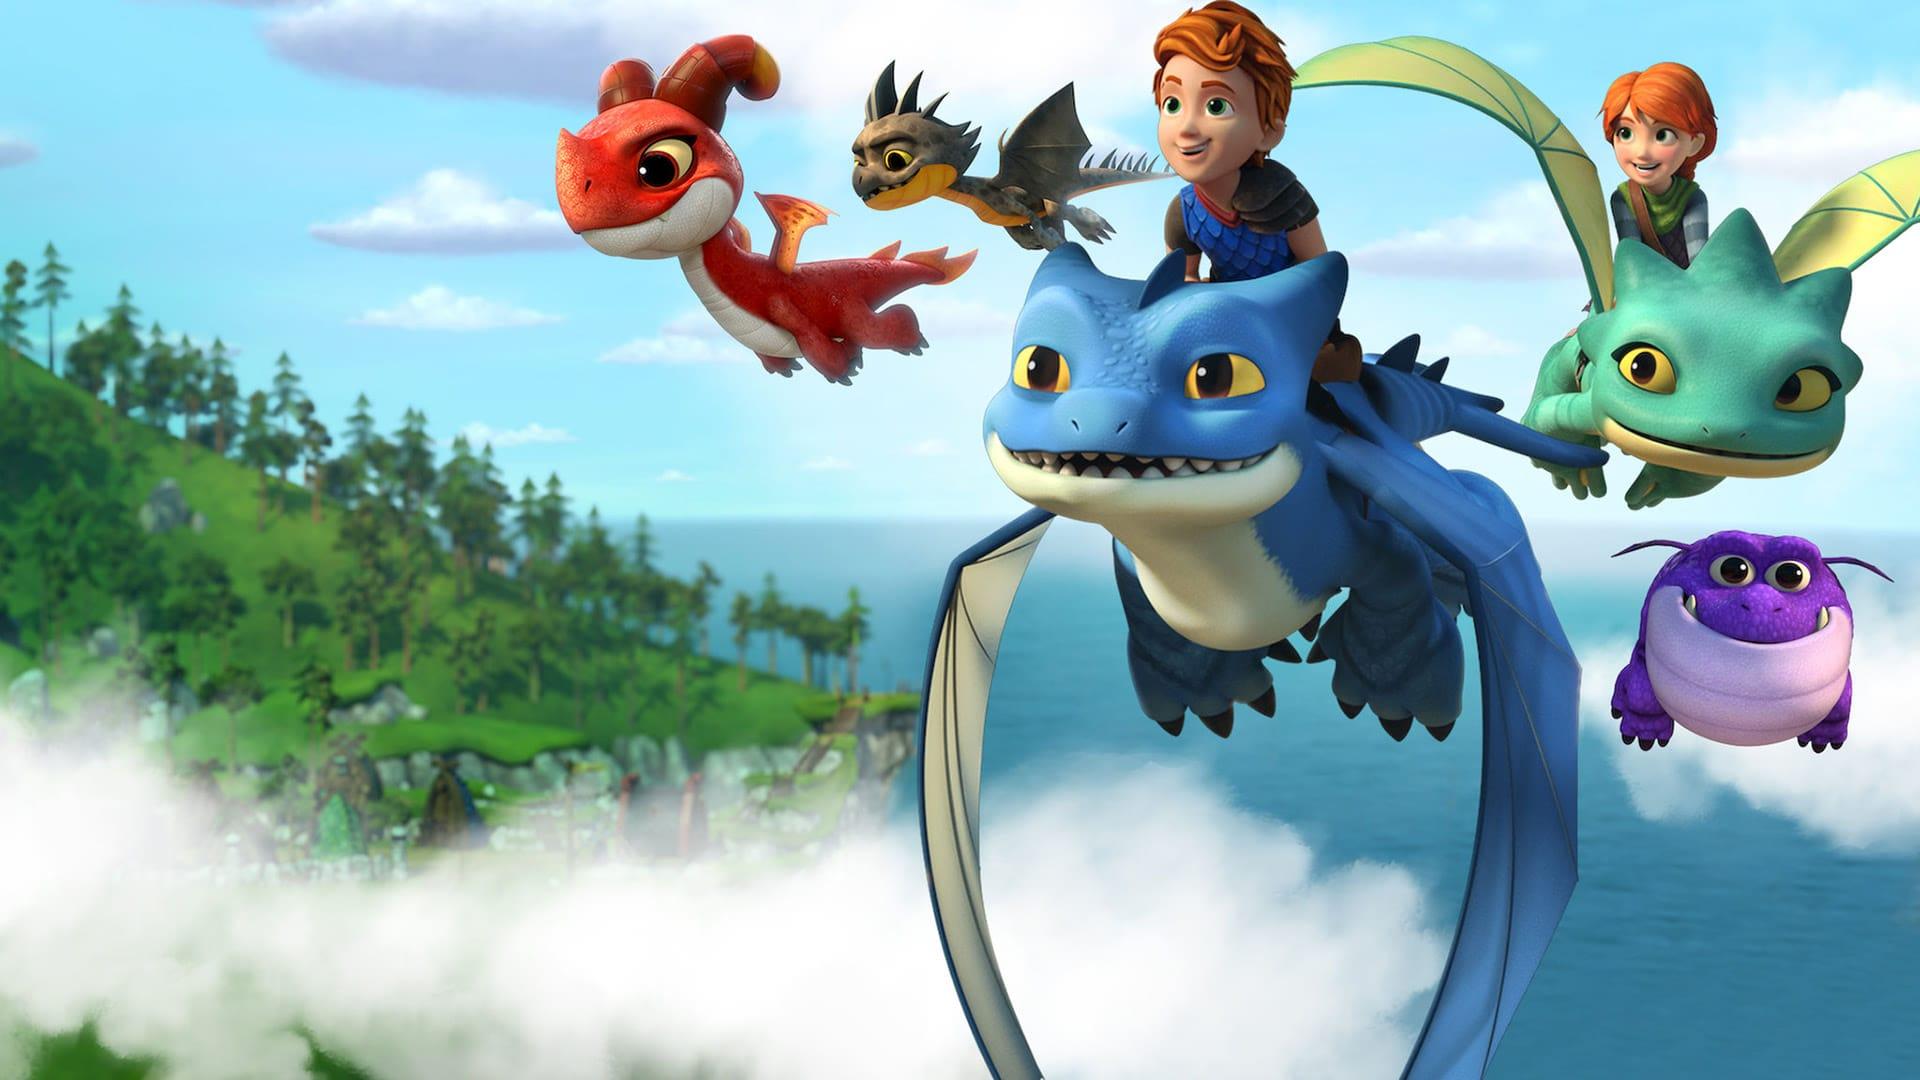 龙族:救援骑士:寻找黄金龙 Dragons: Rescue Riders: Hunt for the Golden Dragon (2020)